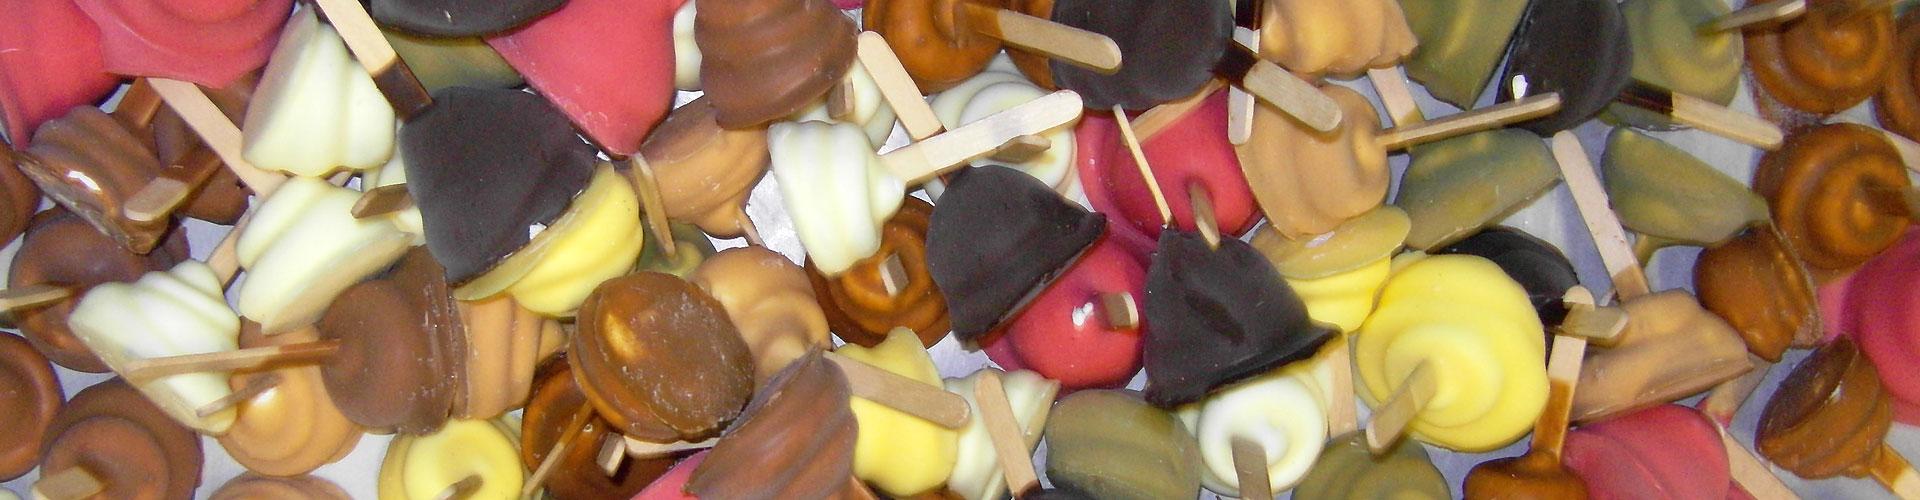 gelateria-napoli-cascata